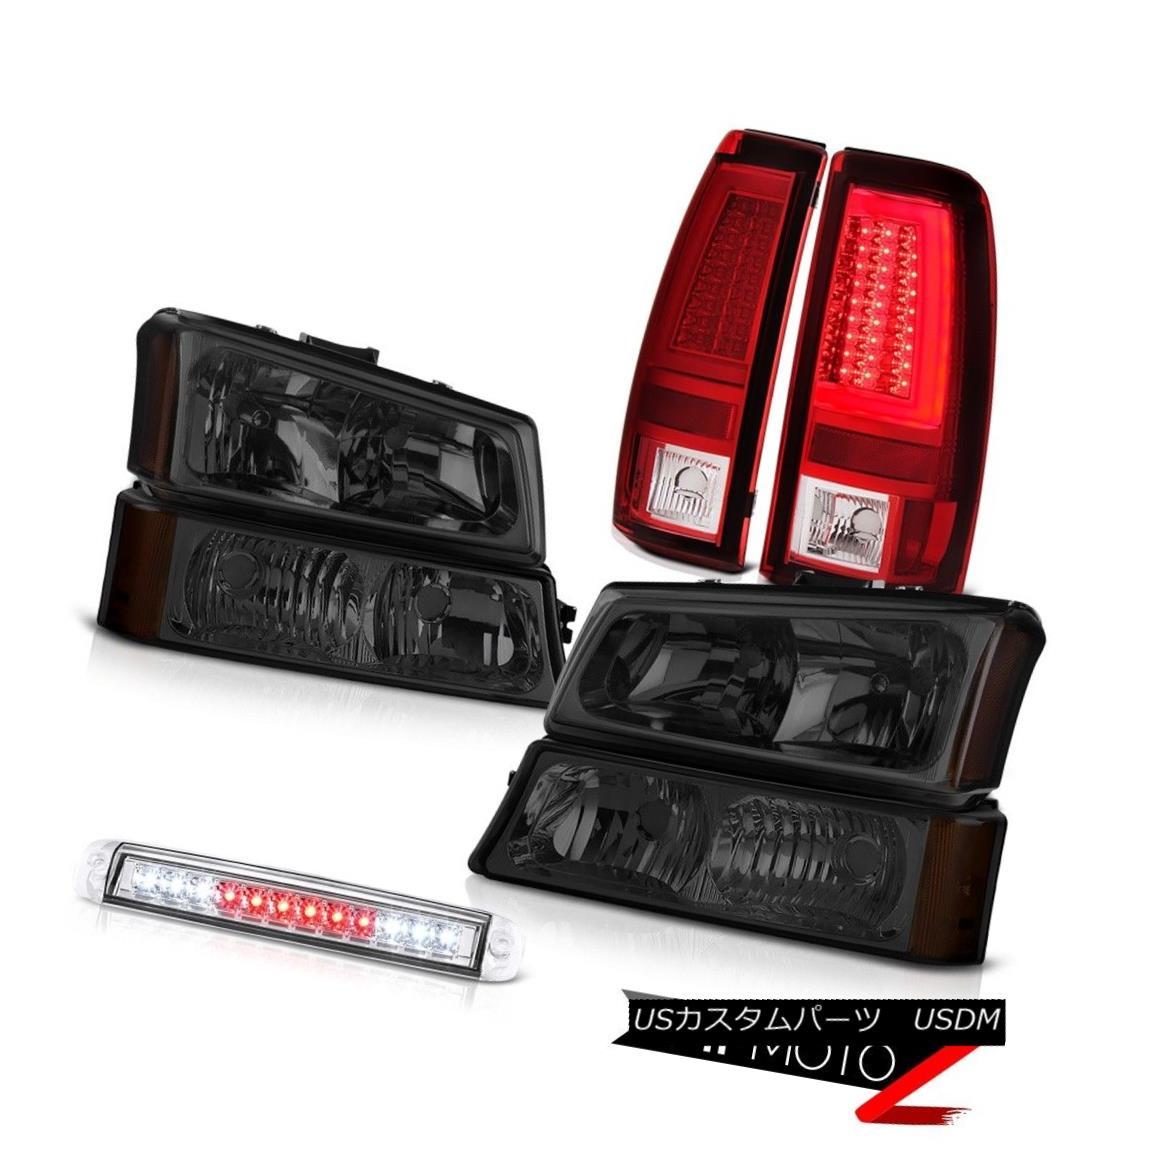 ヘッドライト 2003-2006 Silverado Red Taillamps Roof Brake Lamp Smokey Parking Light Headlamps 2003年?2006年シルヴェラドレッドタイルランプルーフブレーキランプスモーキー駐車ライトヘッドランプ